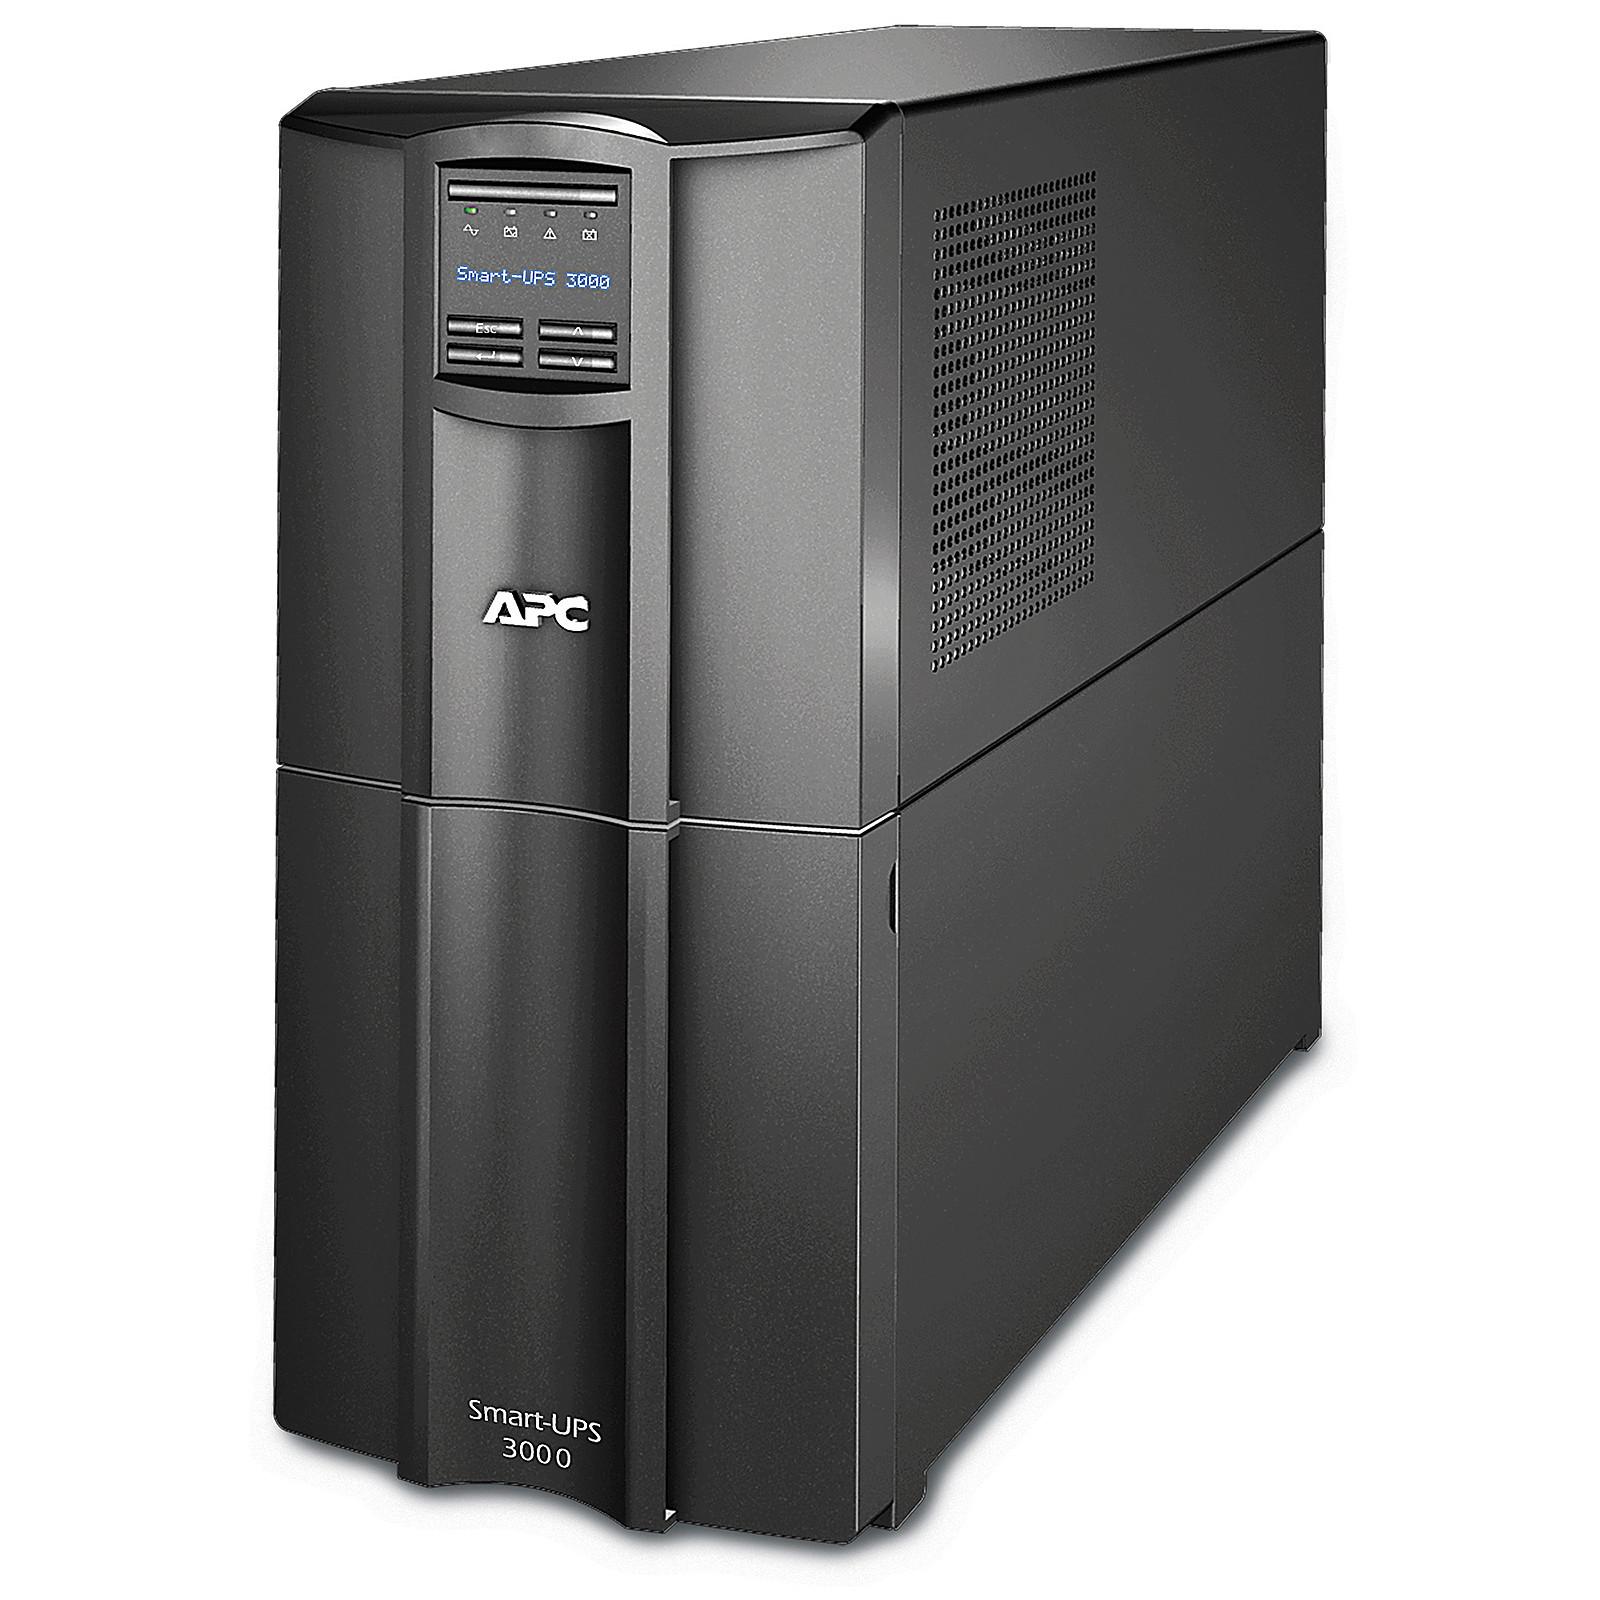 APC Smart-UPS 3000VA LCD 230V Smart Connect